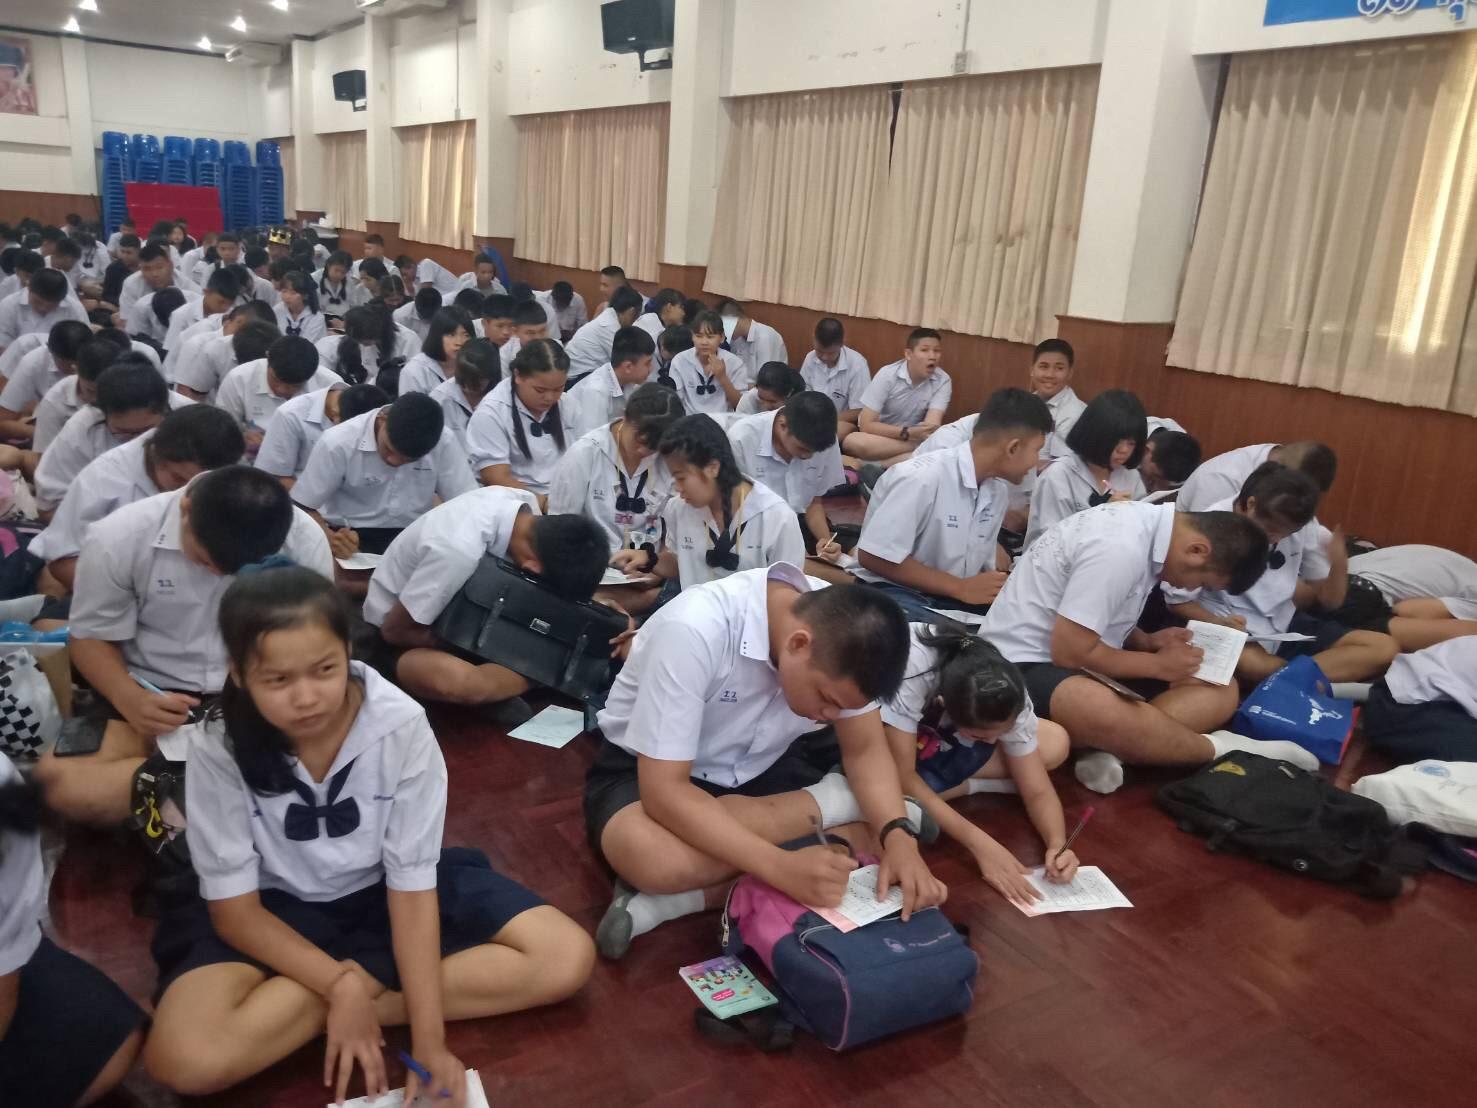 สจก.8 จัดกิจกรรมแนะแนวอาชีพนักเรียนนักศึกษา ณ โรงเรียนราชาธิวาสวิหาร เขตดุสิต กรุงเทพฯ